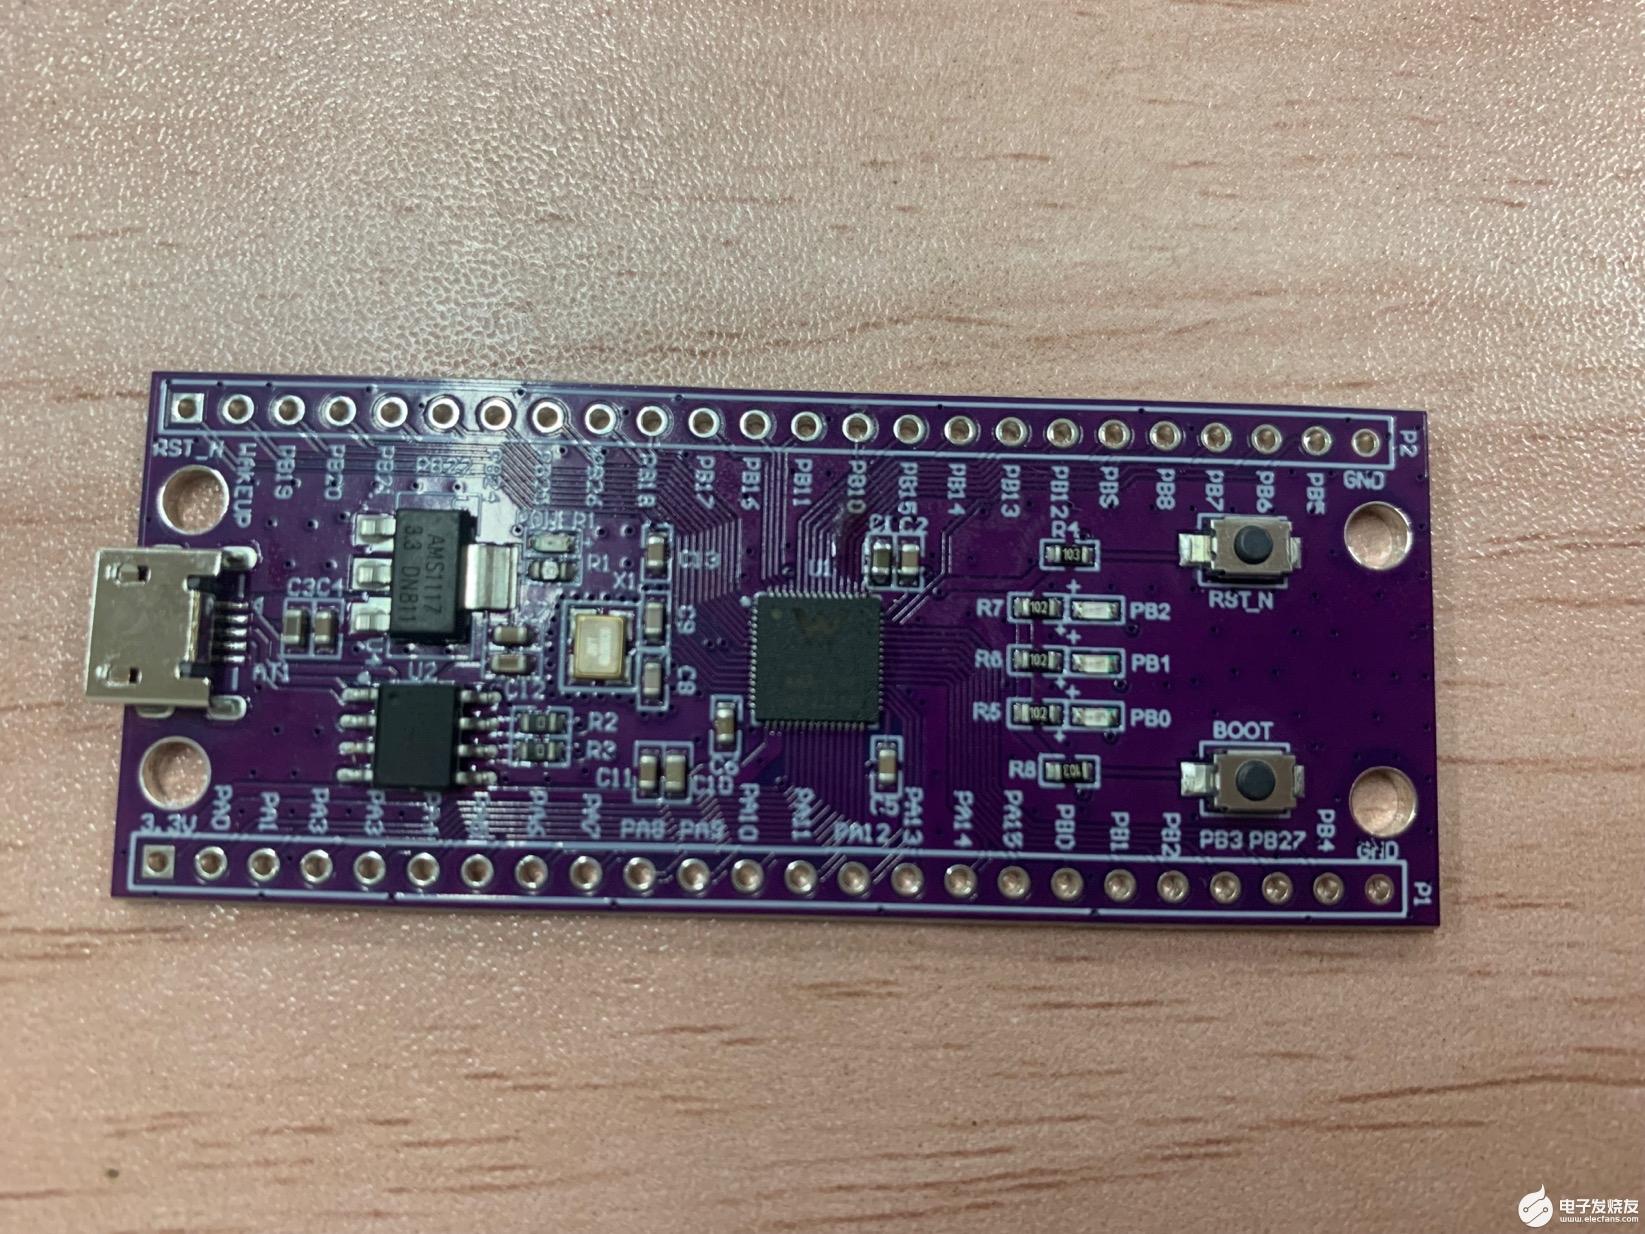 【联盛德W806-KIT开发板试用体验】1.开箱与点灯